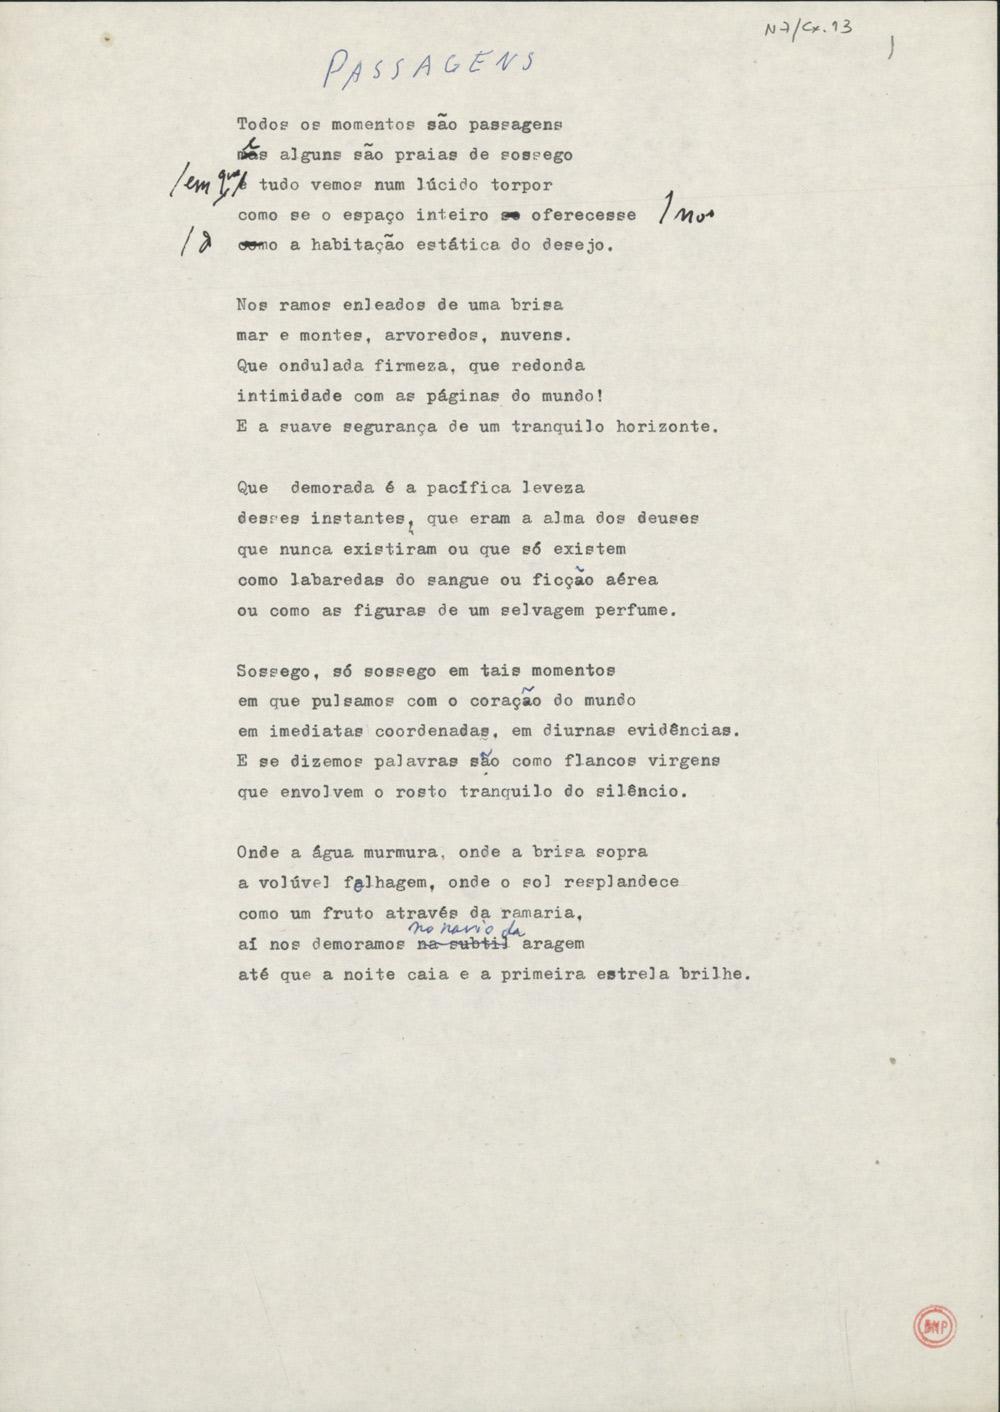 Dactiloscrito do poema que abre o livro Passagens, publicado na colecção Pequeno Formato, da Asa, em 2005.